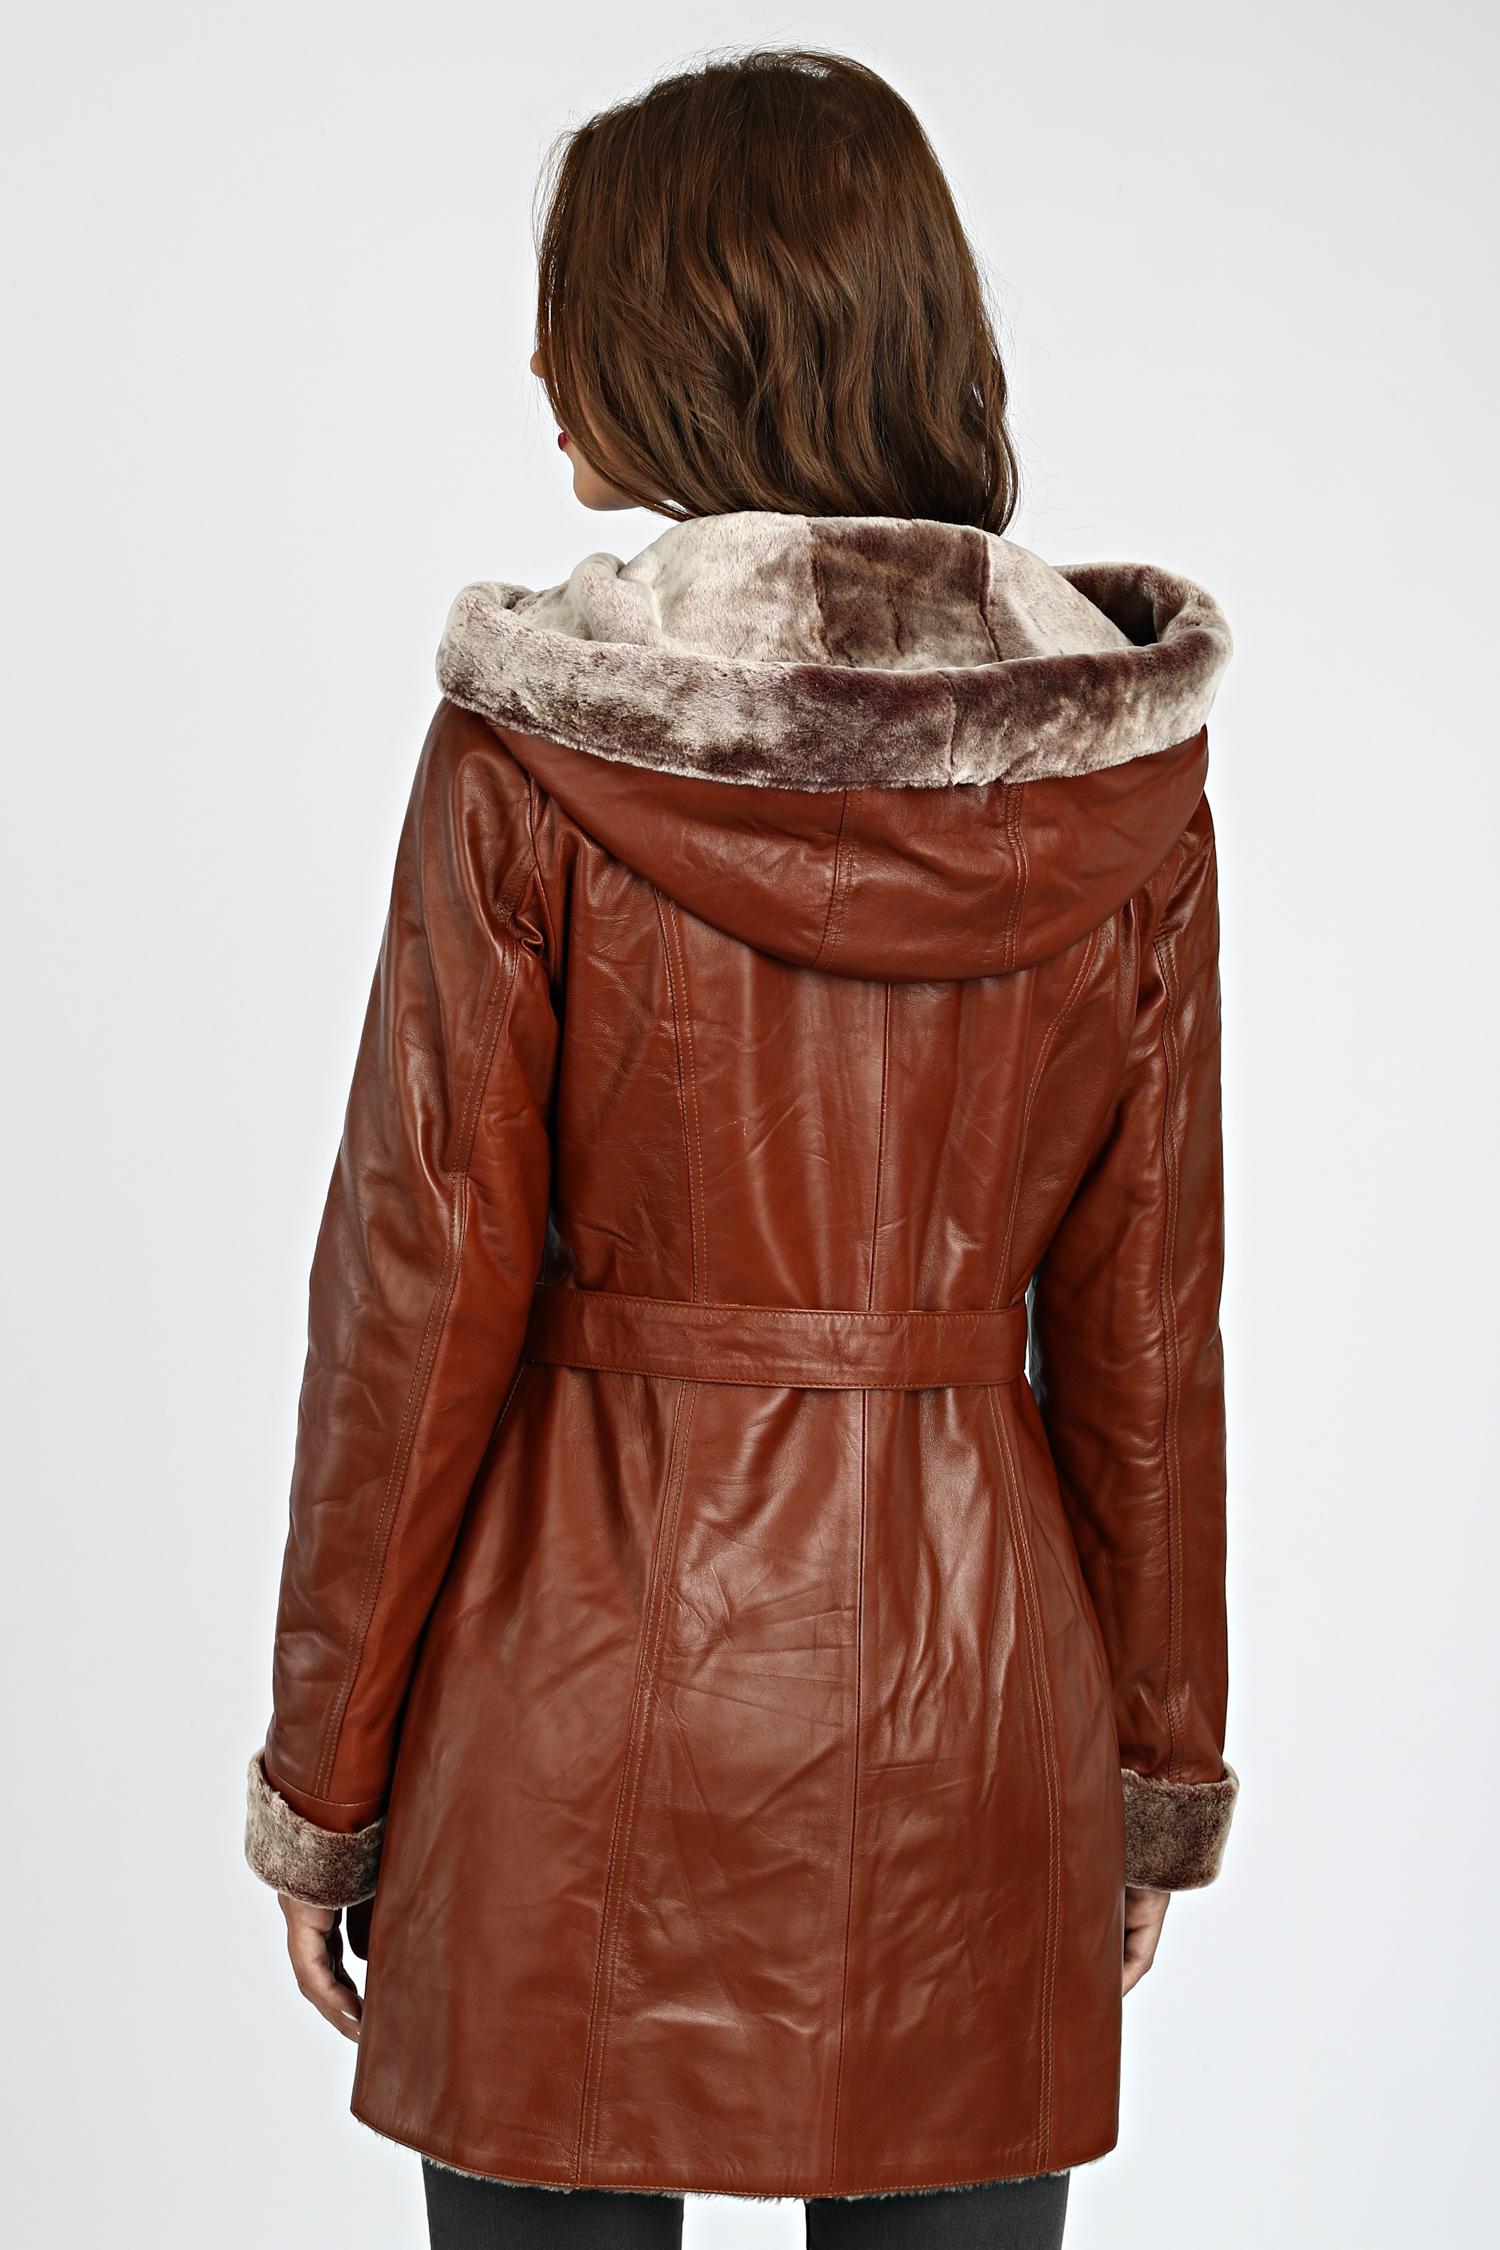 Женская кожаная куртка из натуральной кожи на меху с капюшоном, без отделки